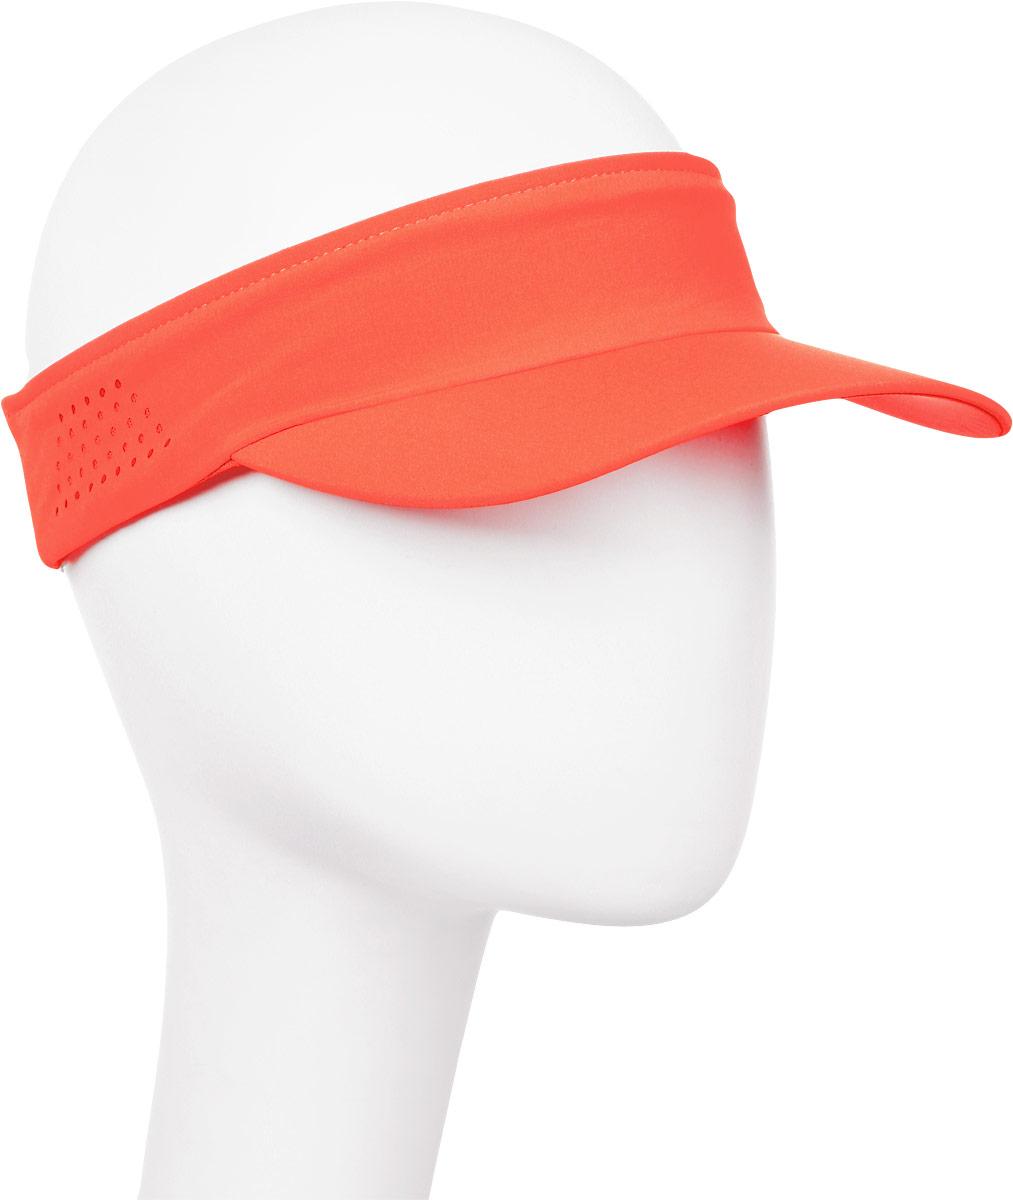 Козырек мужской Asics Visor Performance, цвет: коралловый. 155012-0698. Размер универсальный козырек к шлему fox metah visor белый пластик 17143 008 os